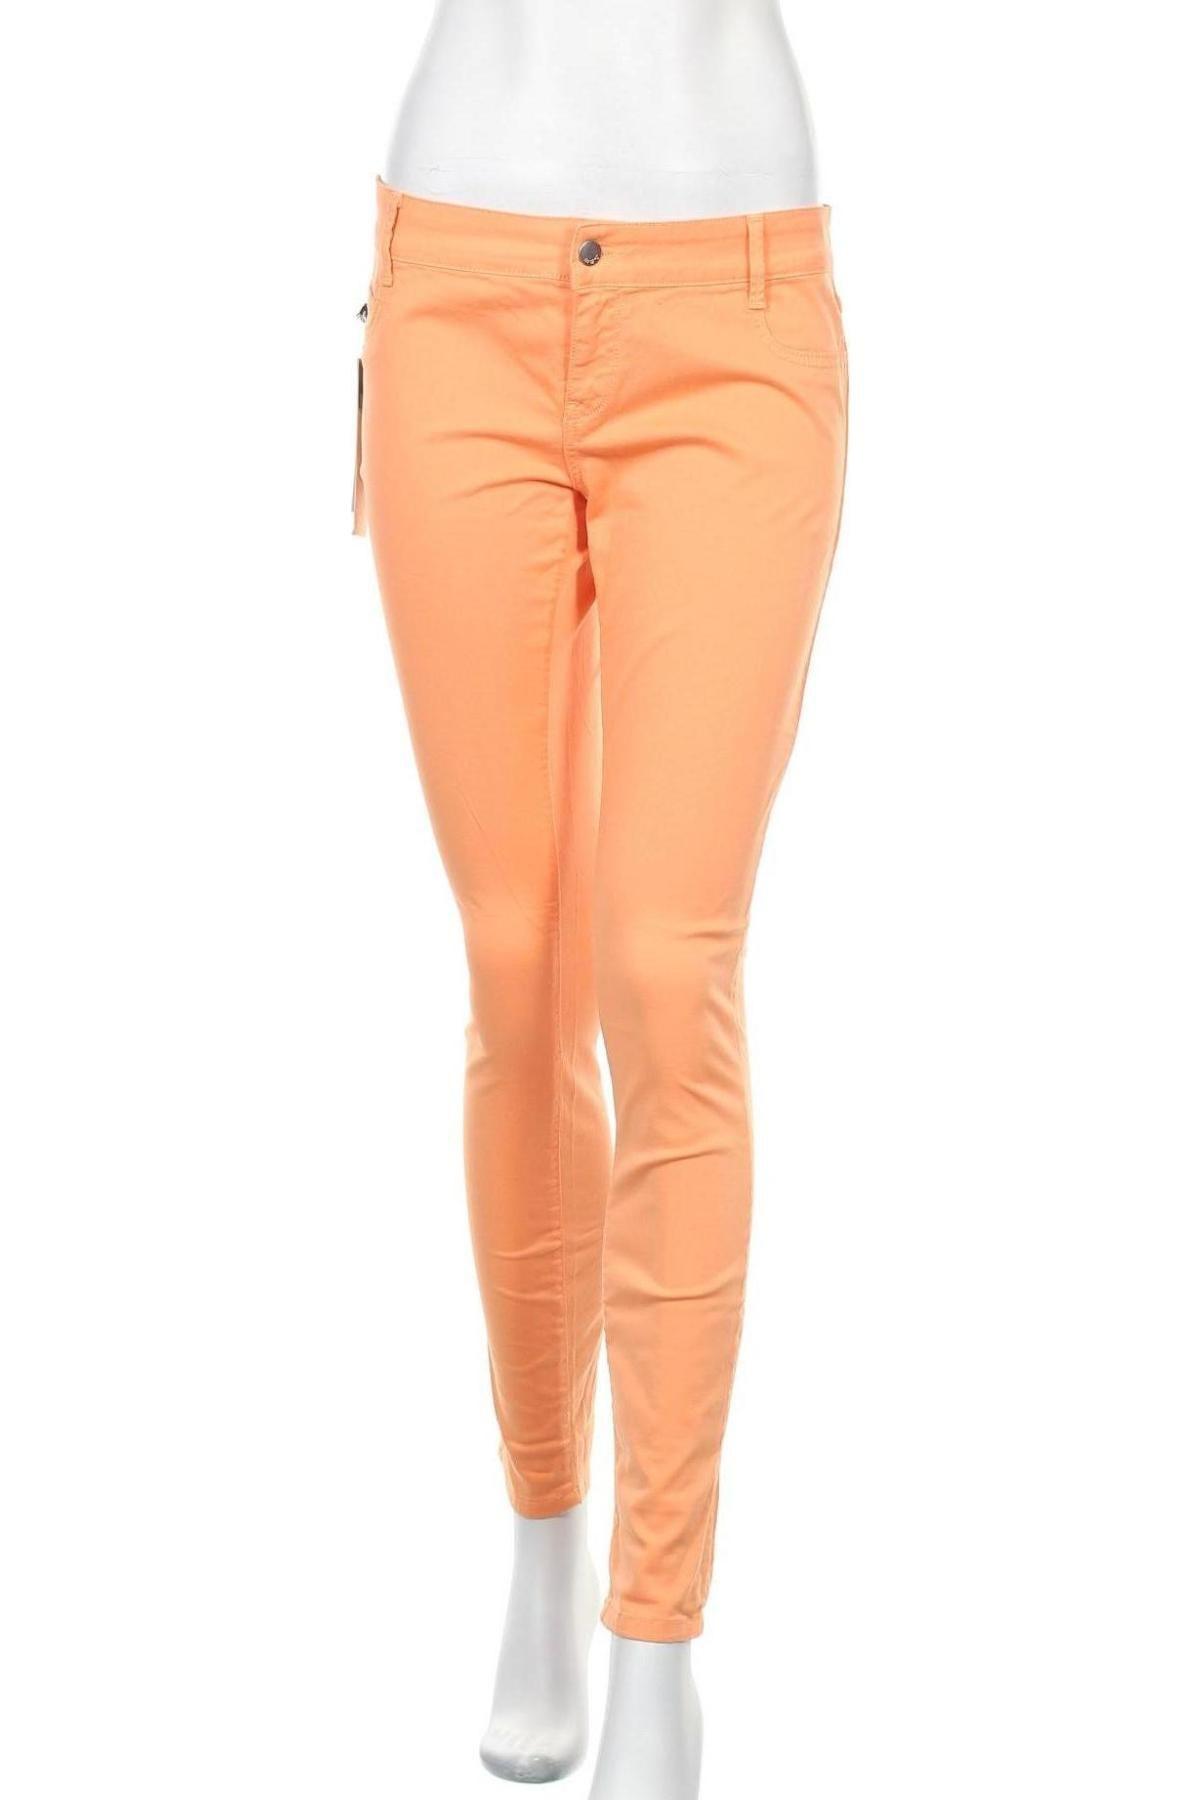 Дамски дънки Met, Размер M, Цвят Оранжев, 98% памук, 2% еластан, Цена 66,75лв.